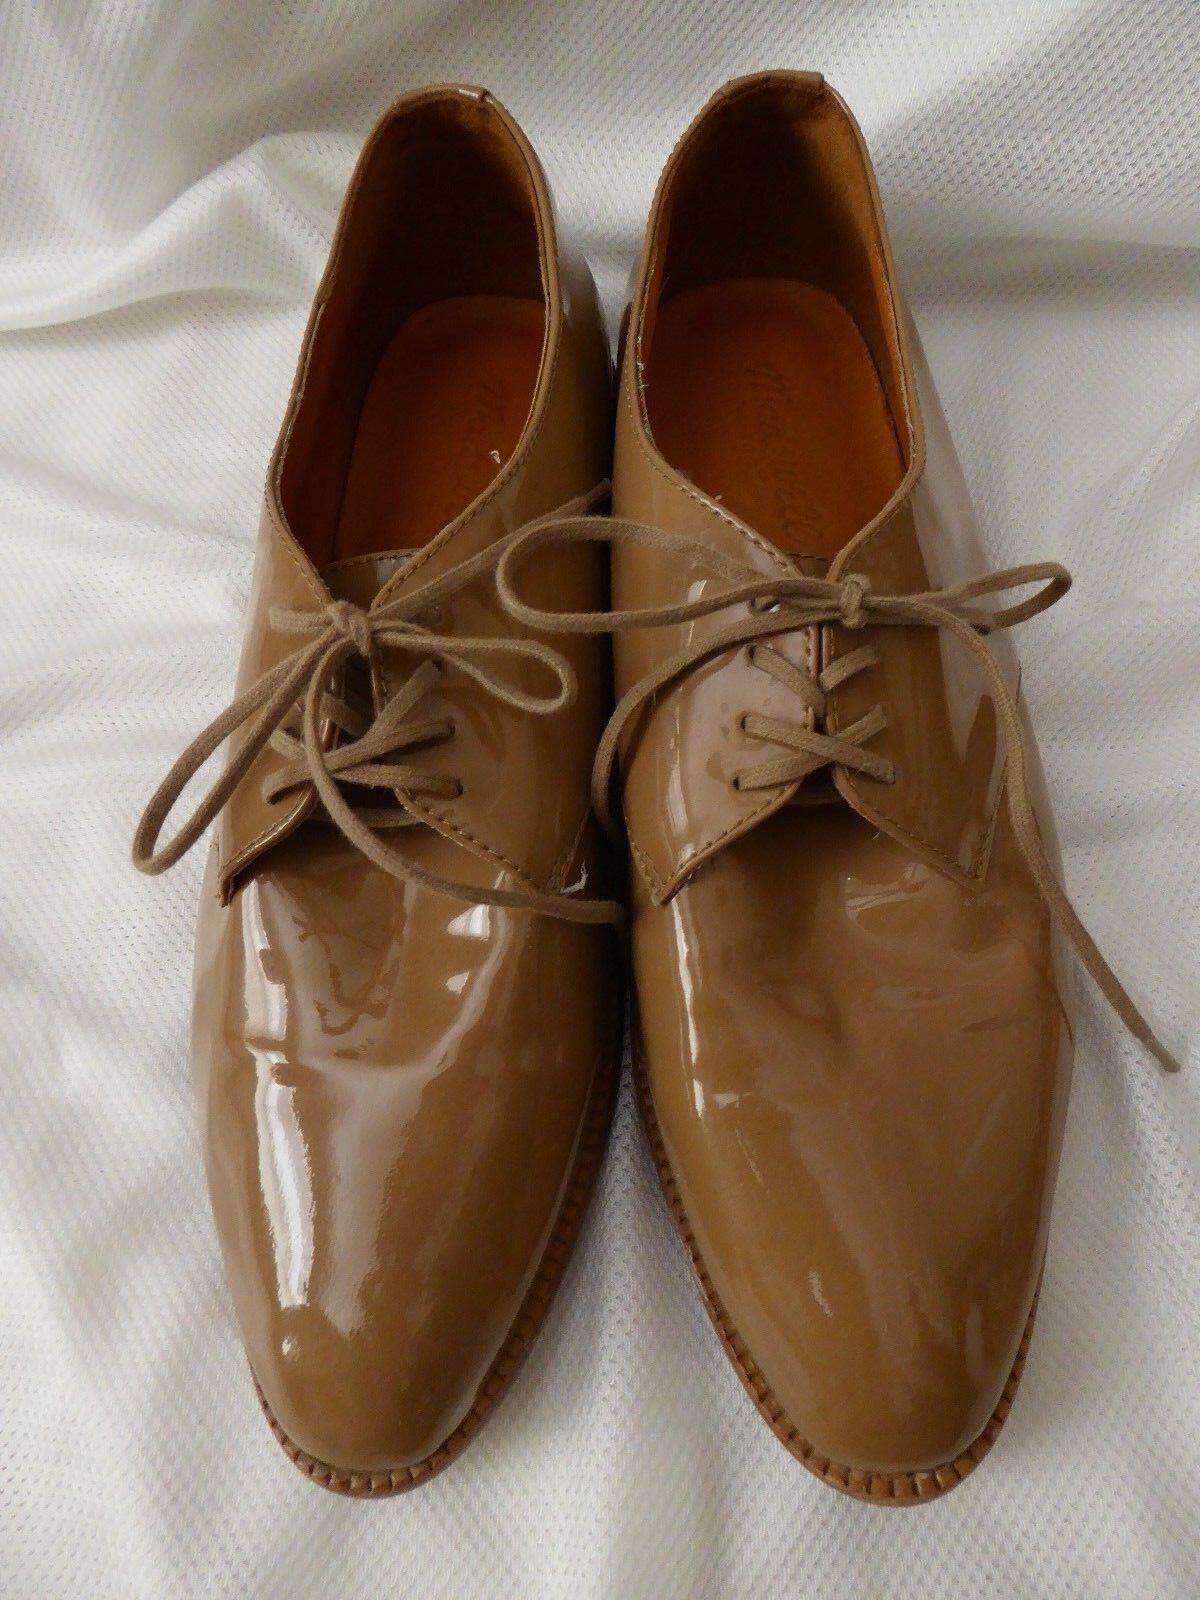 Madewell femmes Taille 7 la Bobbie Oxford en cuir verni à lacets marron clair beige foncé